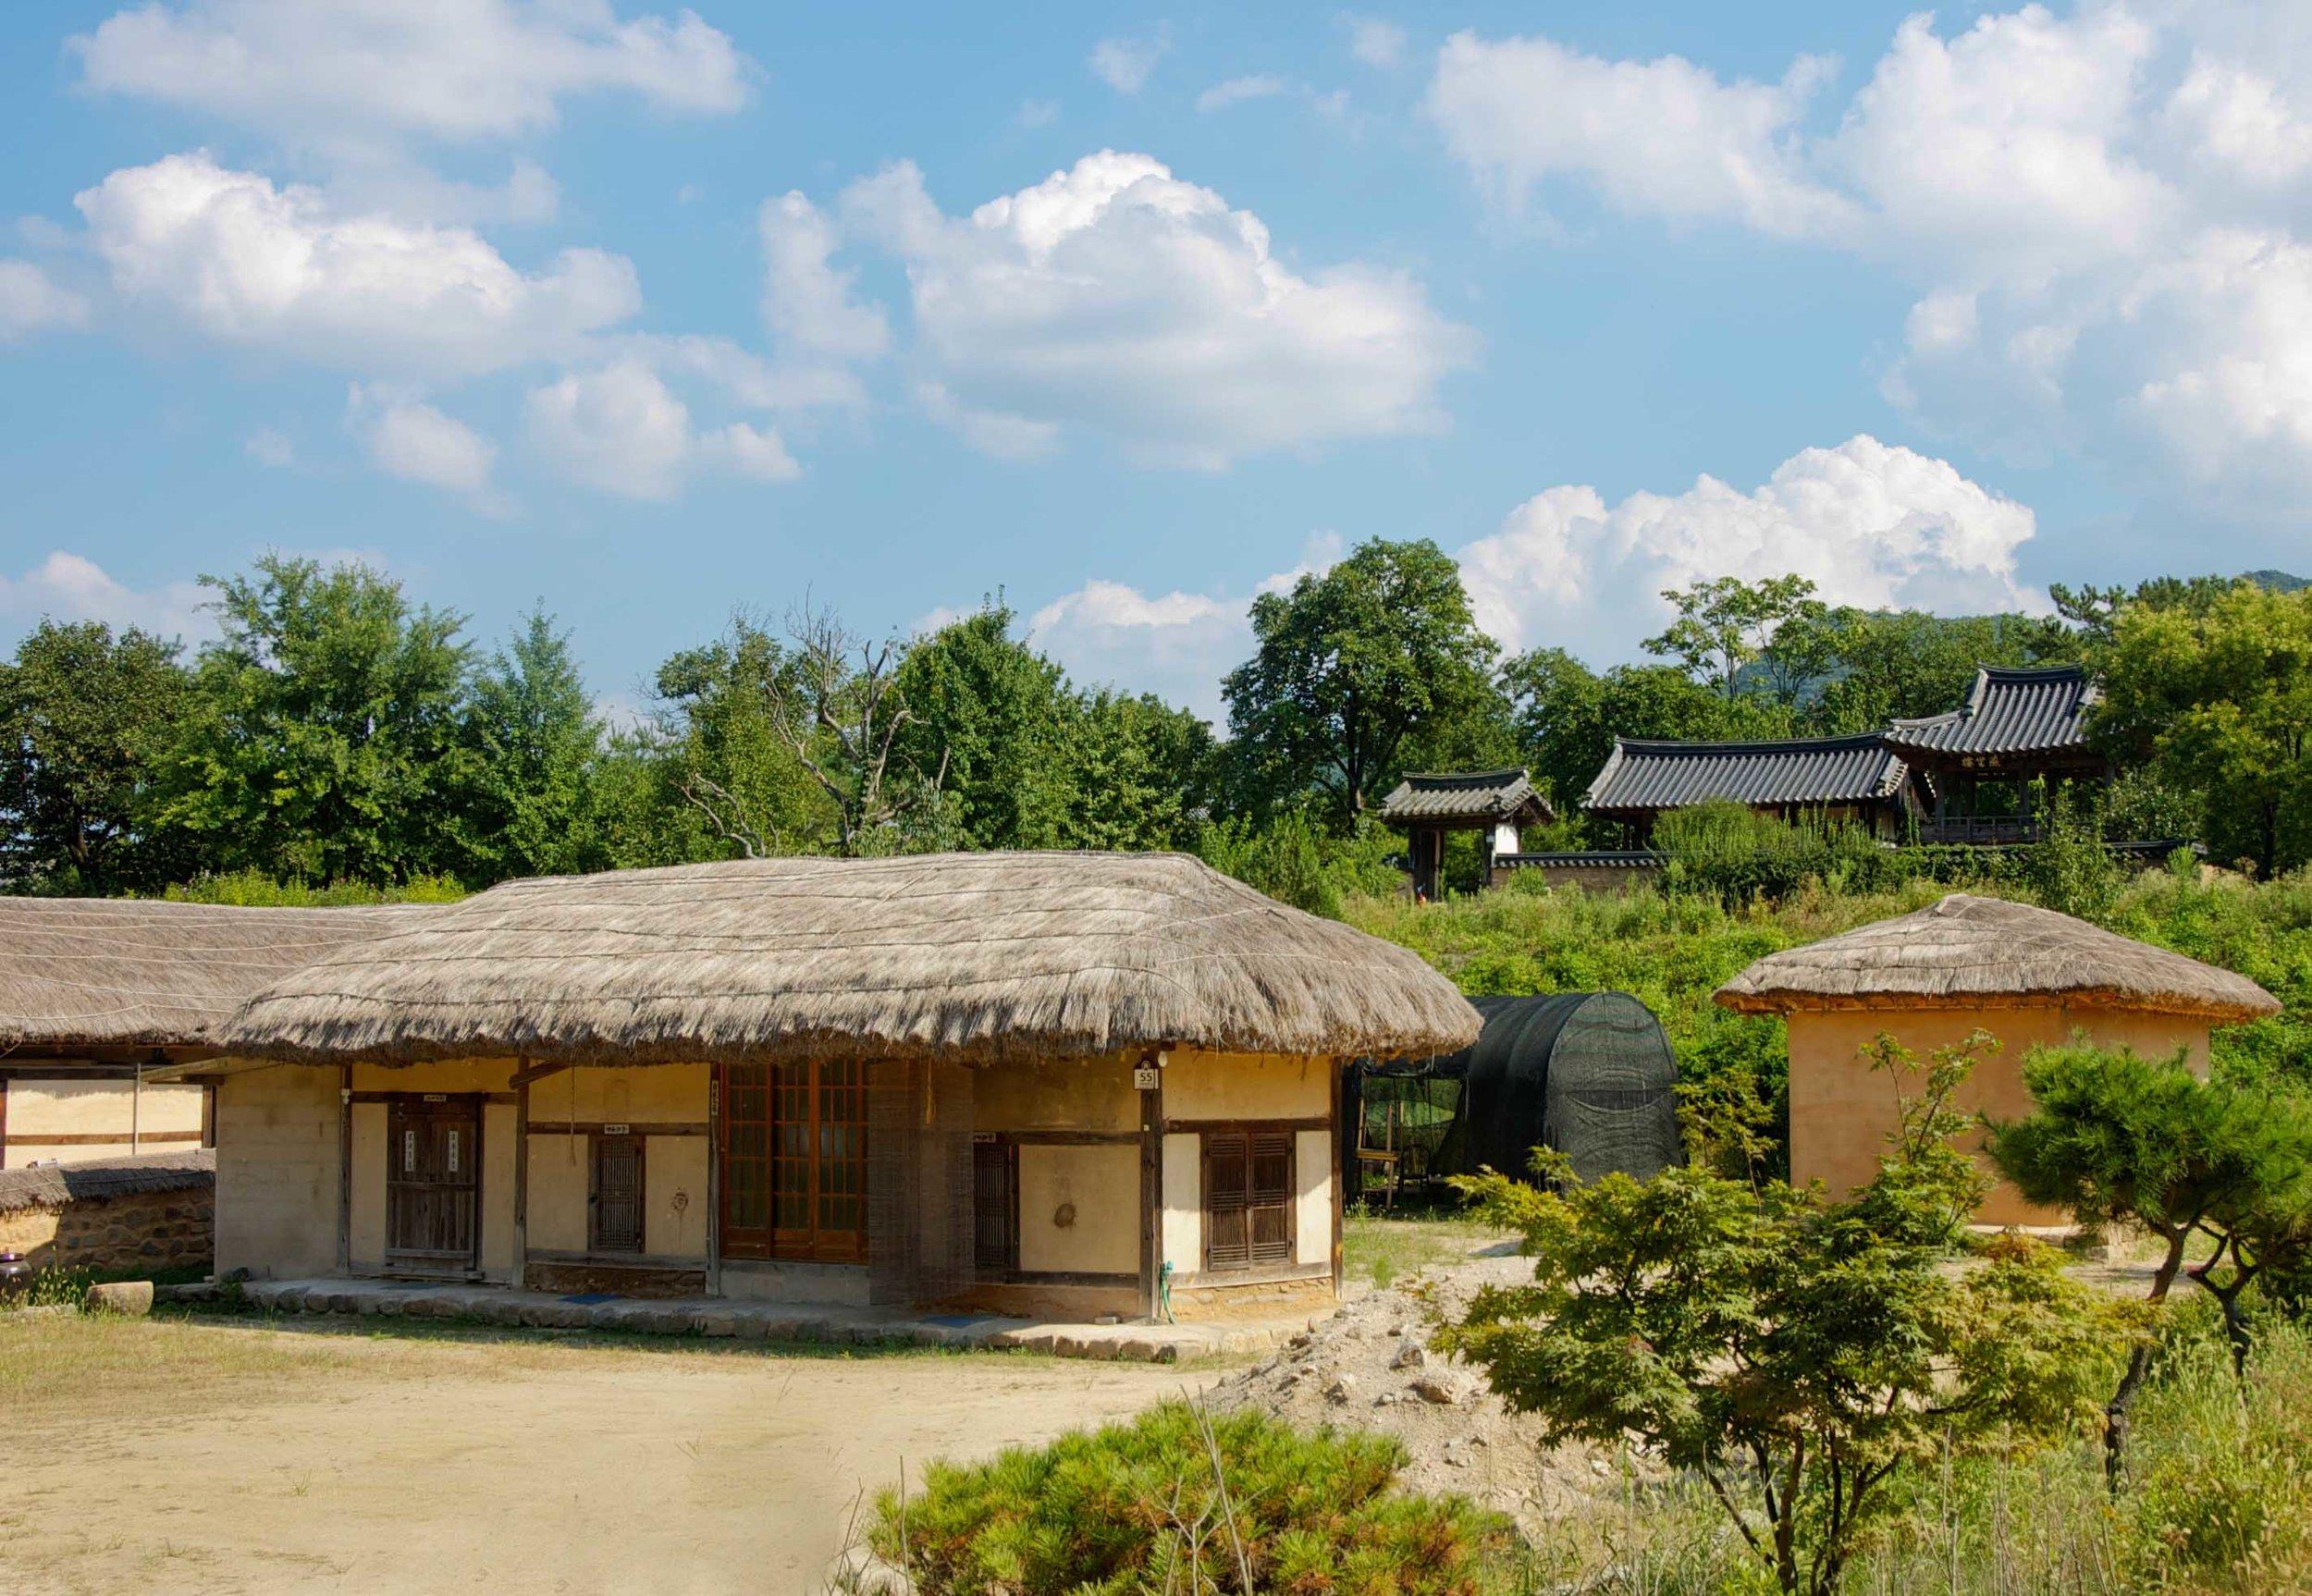 Hahoe Village (하회 마을) UNESCO site, South Korea